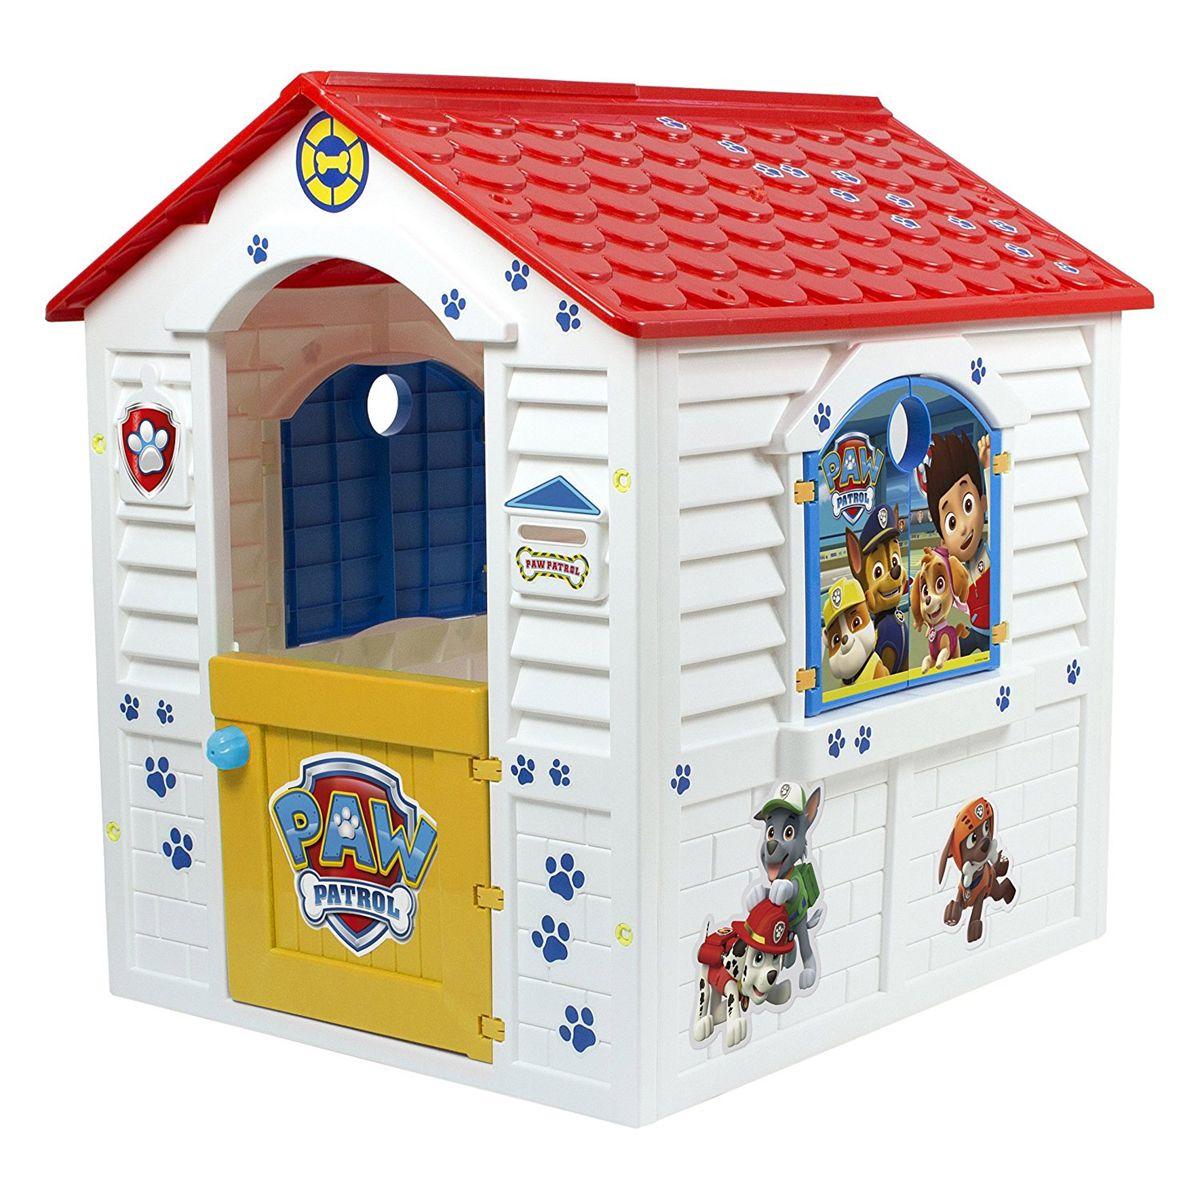 Maison Pour Enfant Exterieur maison de jardin pat'patrouille